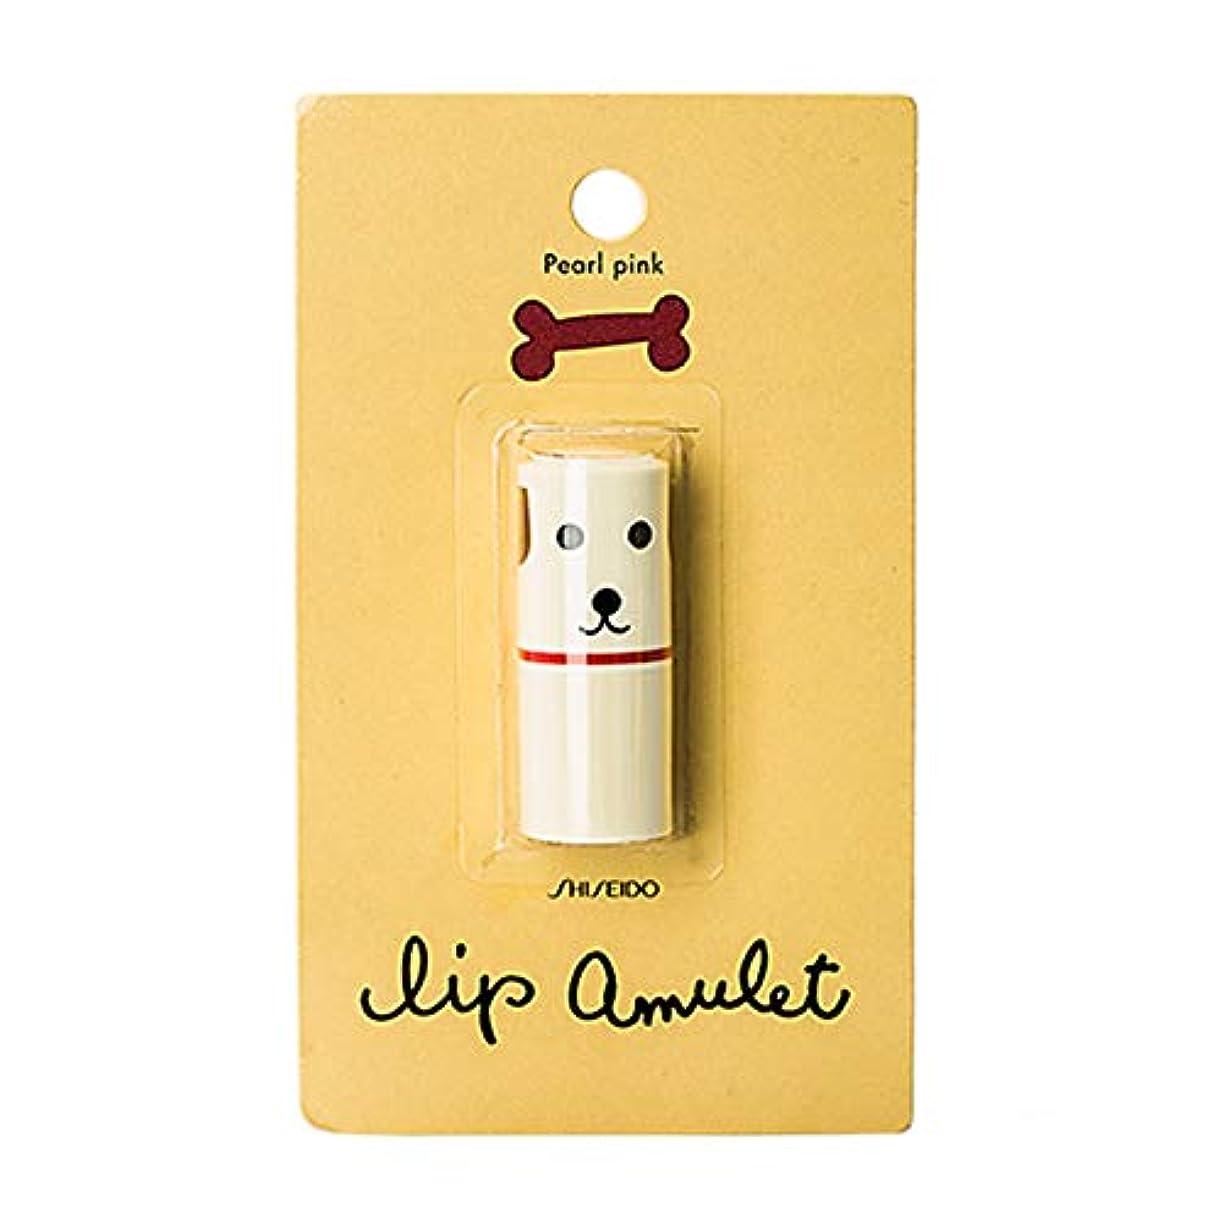 ポット触手サミット【台湾限定】資生堂 Shiseido リップアミュレット Lip Amulet お土産 コスメ 色つきリップ 単品 珍珠粉紅 (パールピンク) [並行輸入品]